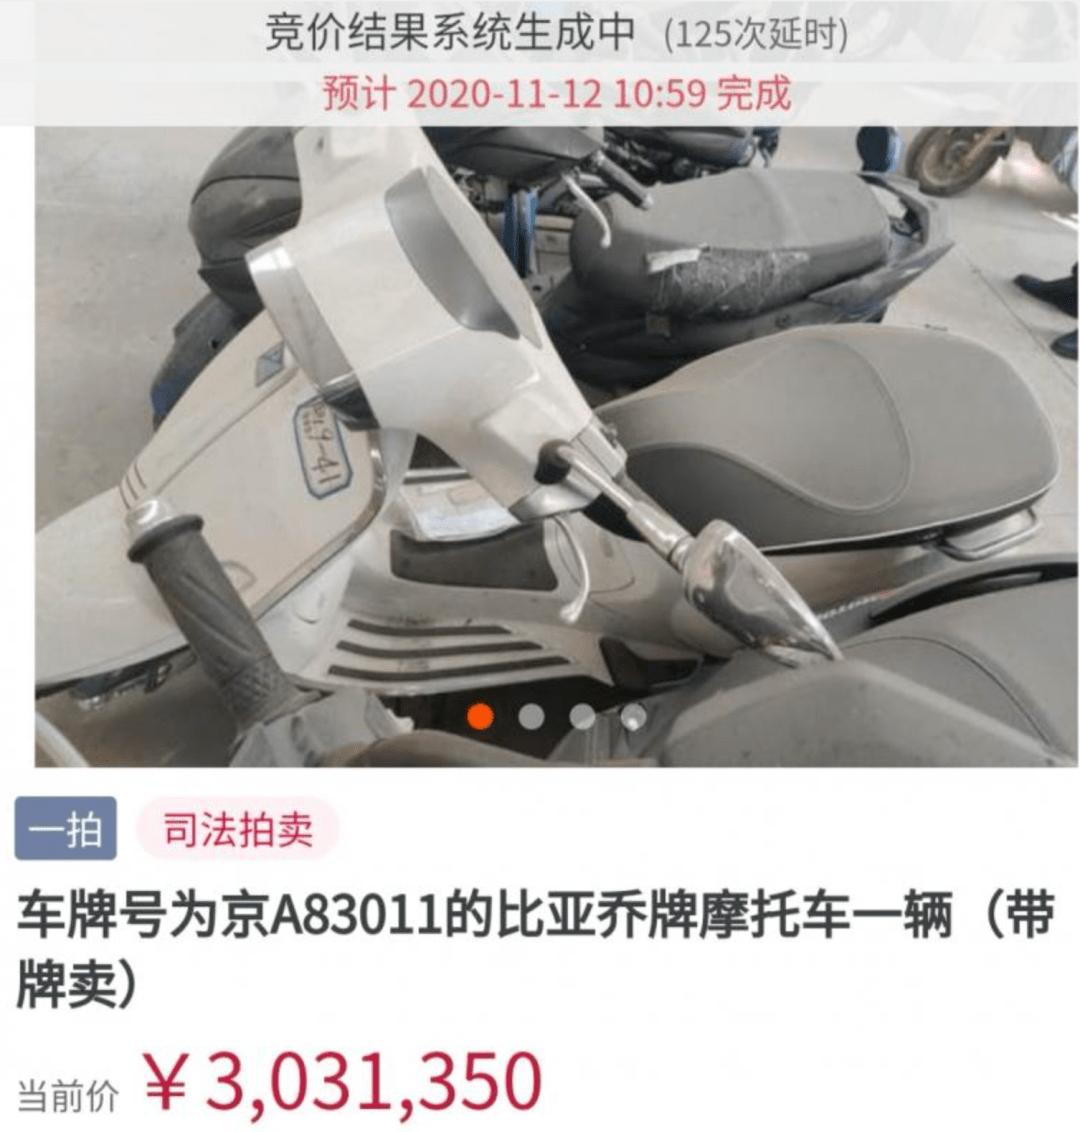 震惊全网!估价2万3的一辆二手摩托车,竟拍出303万